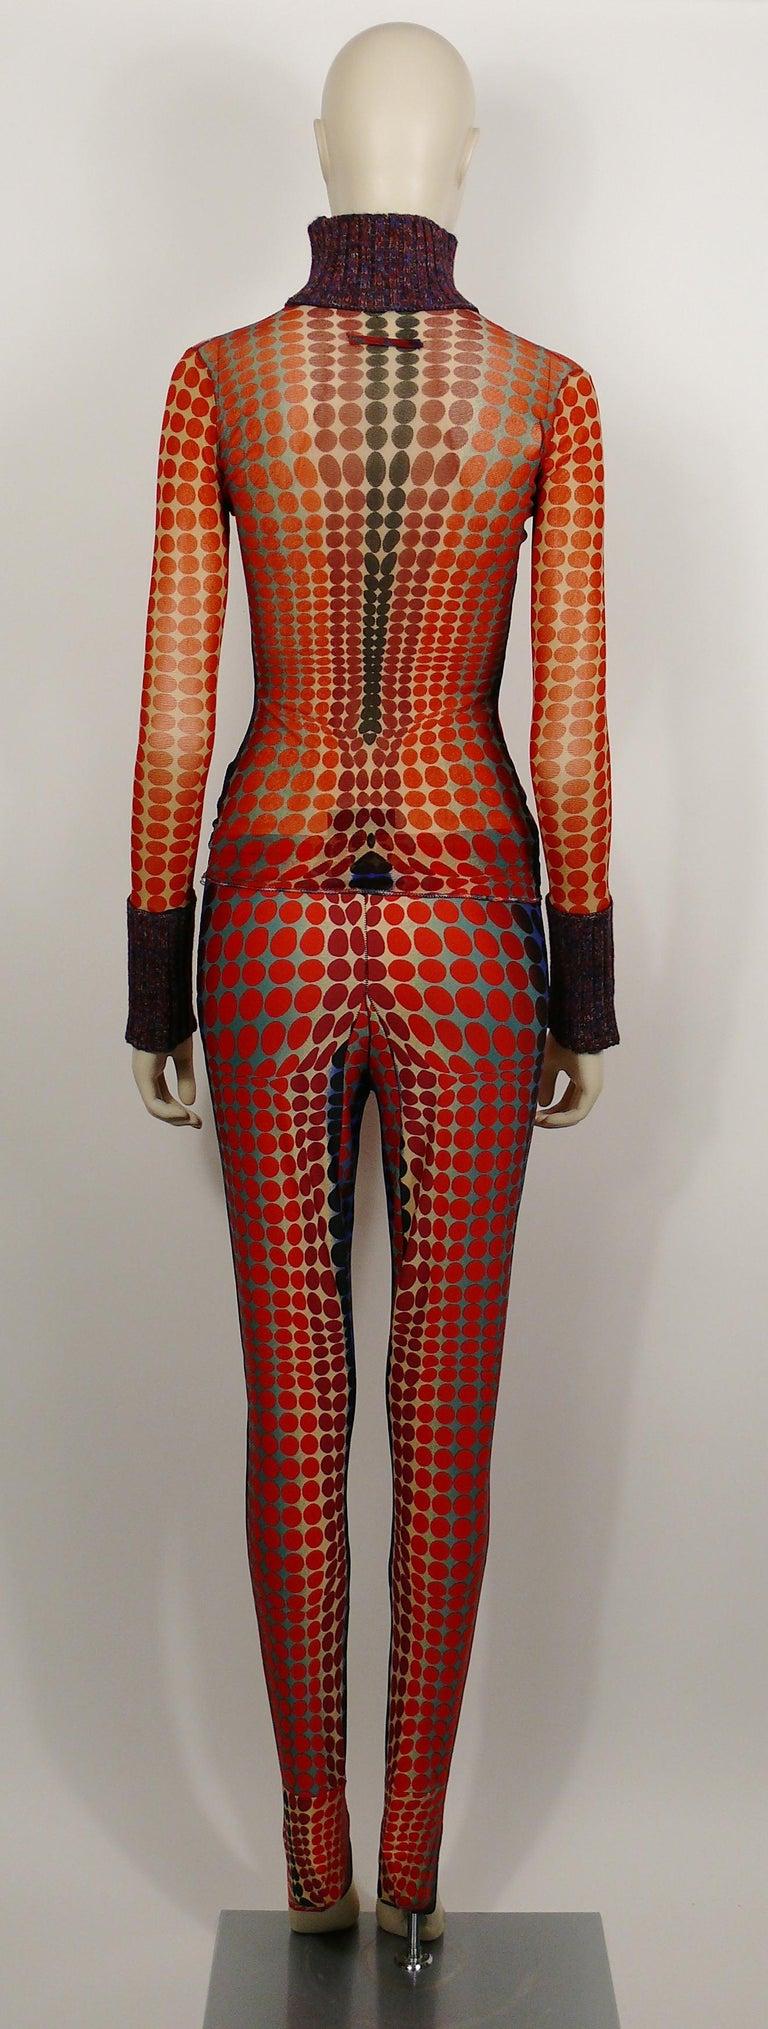 Jean Paul Gaultier Vintage Sheer Mesh Op Art Polka Dot